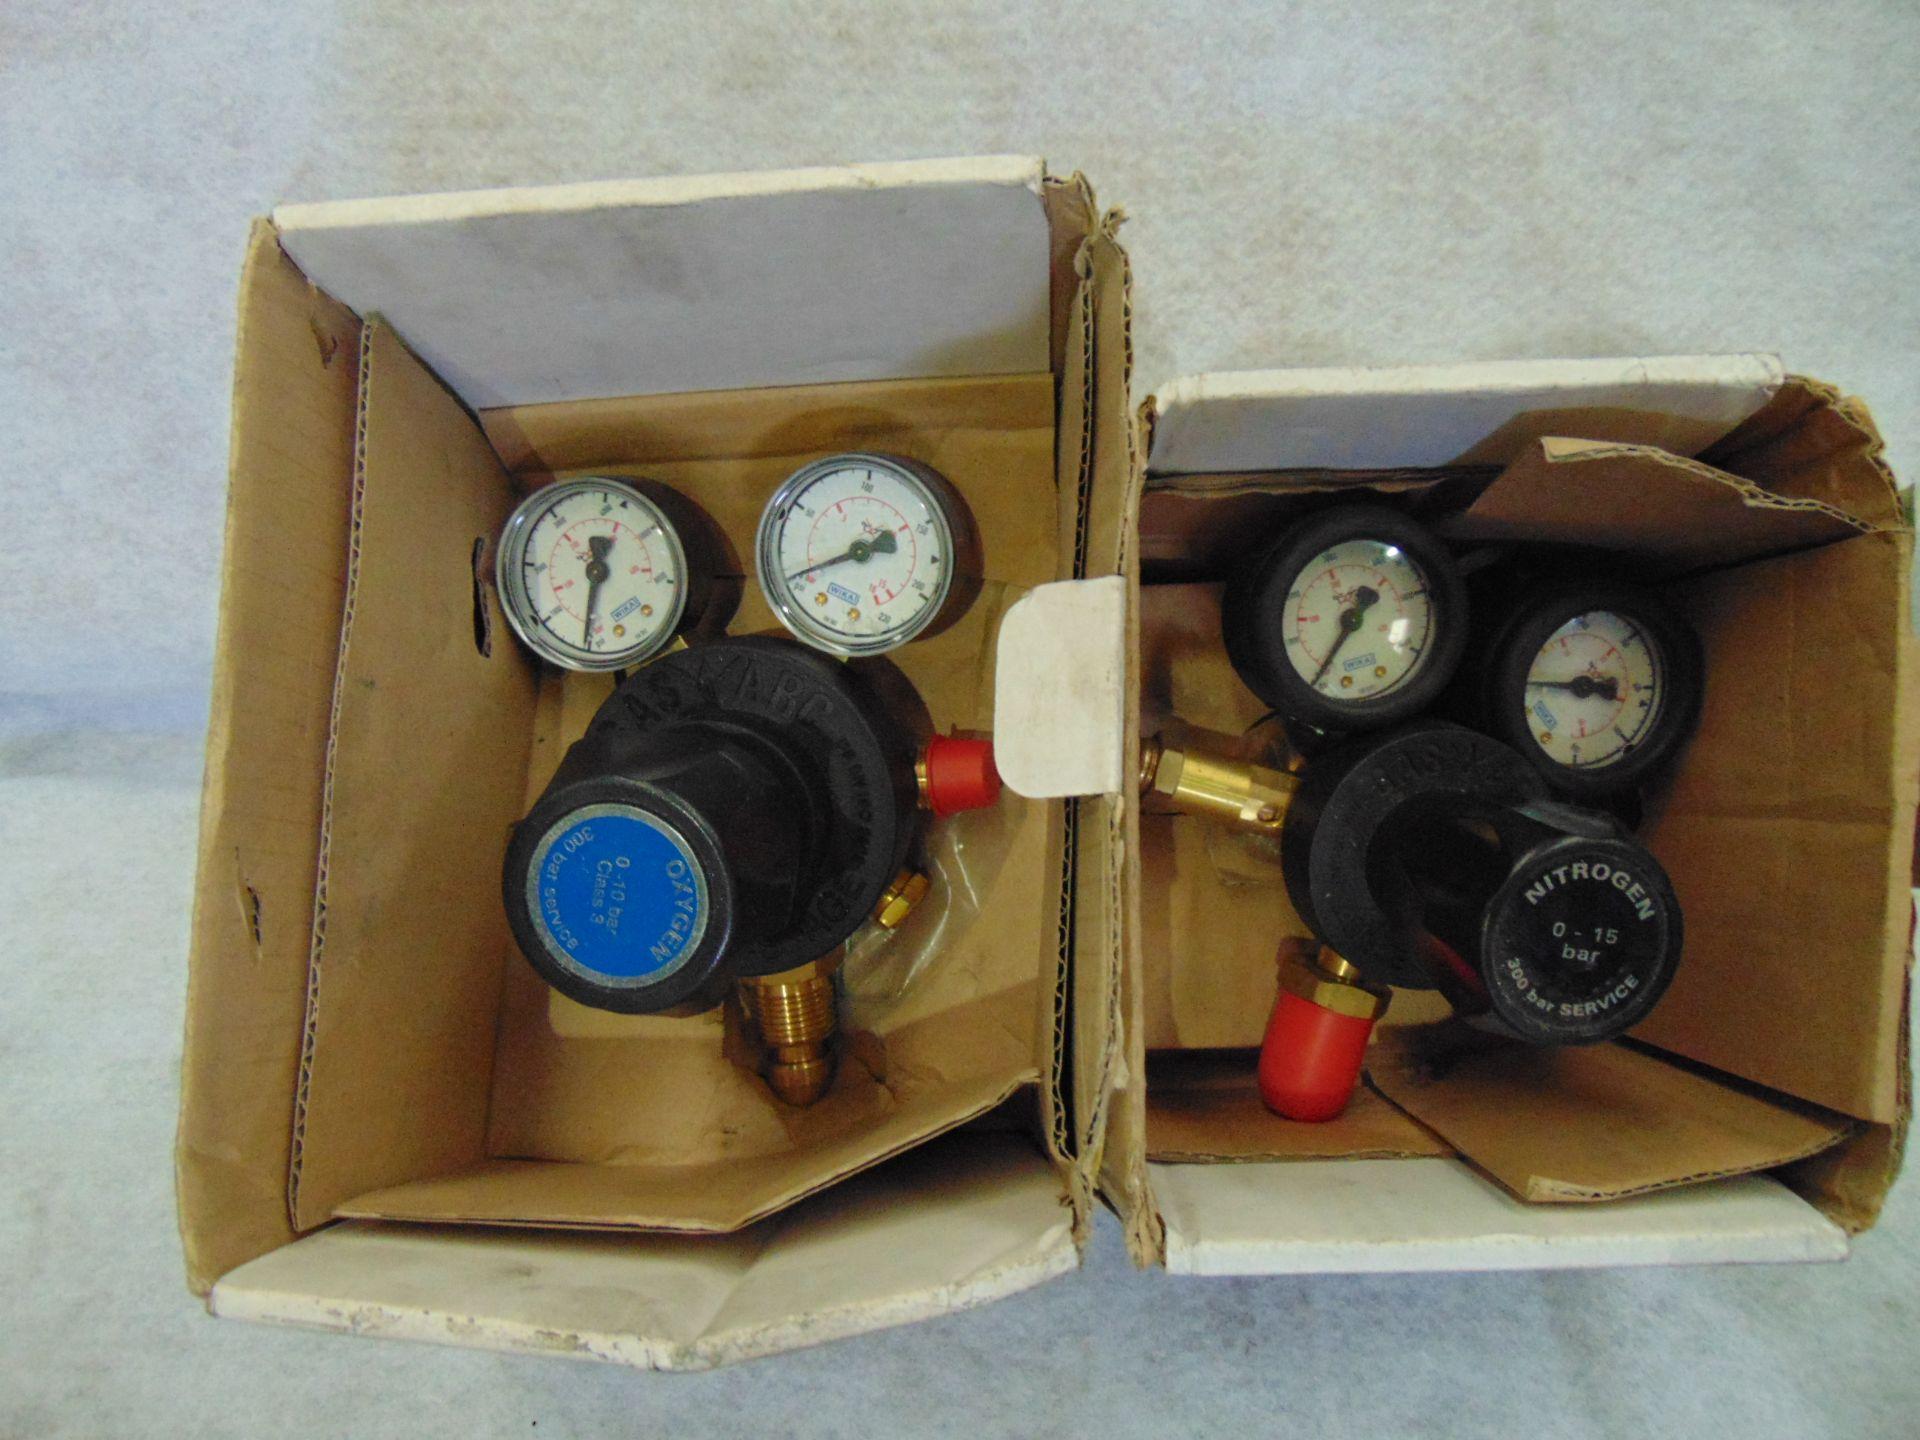 Los 40 - 1 x Two Stage Oxygen Pressure Regulator 1 x One Stage Nitrogen Pressure Regulator